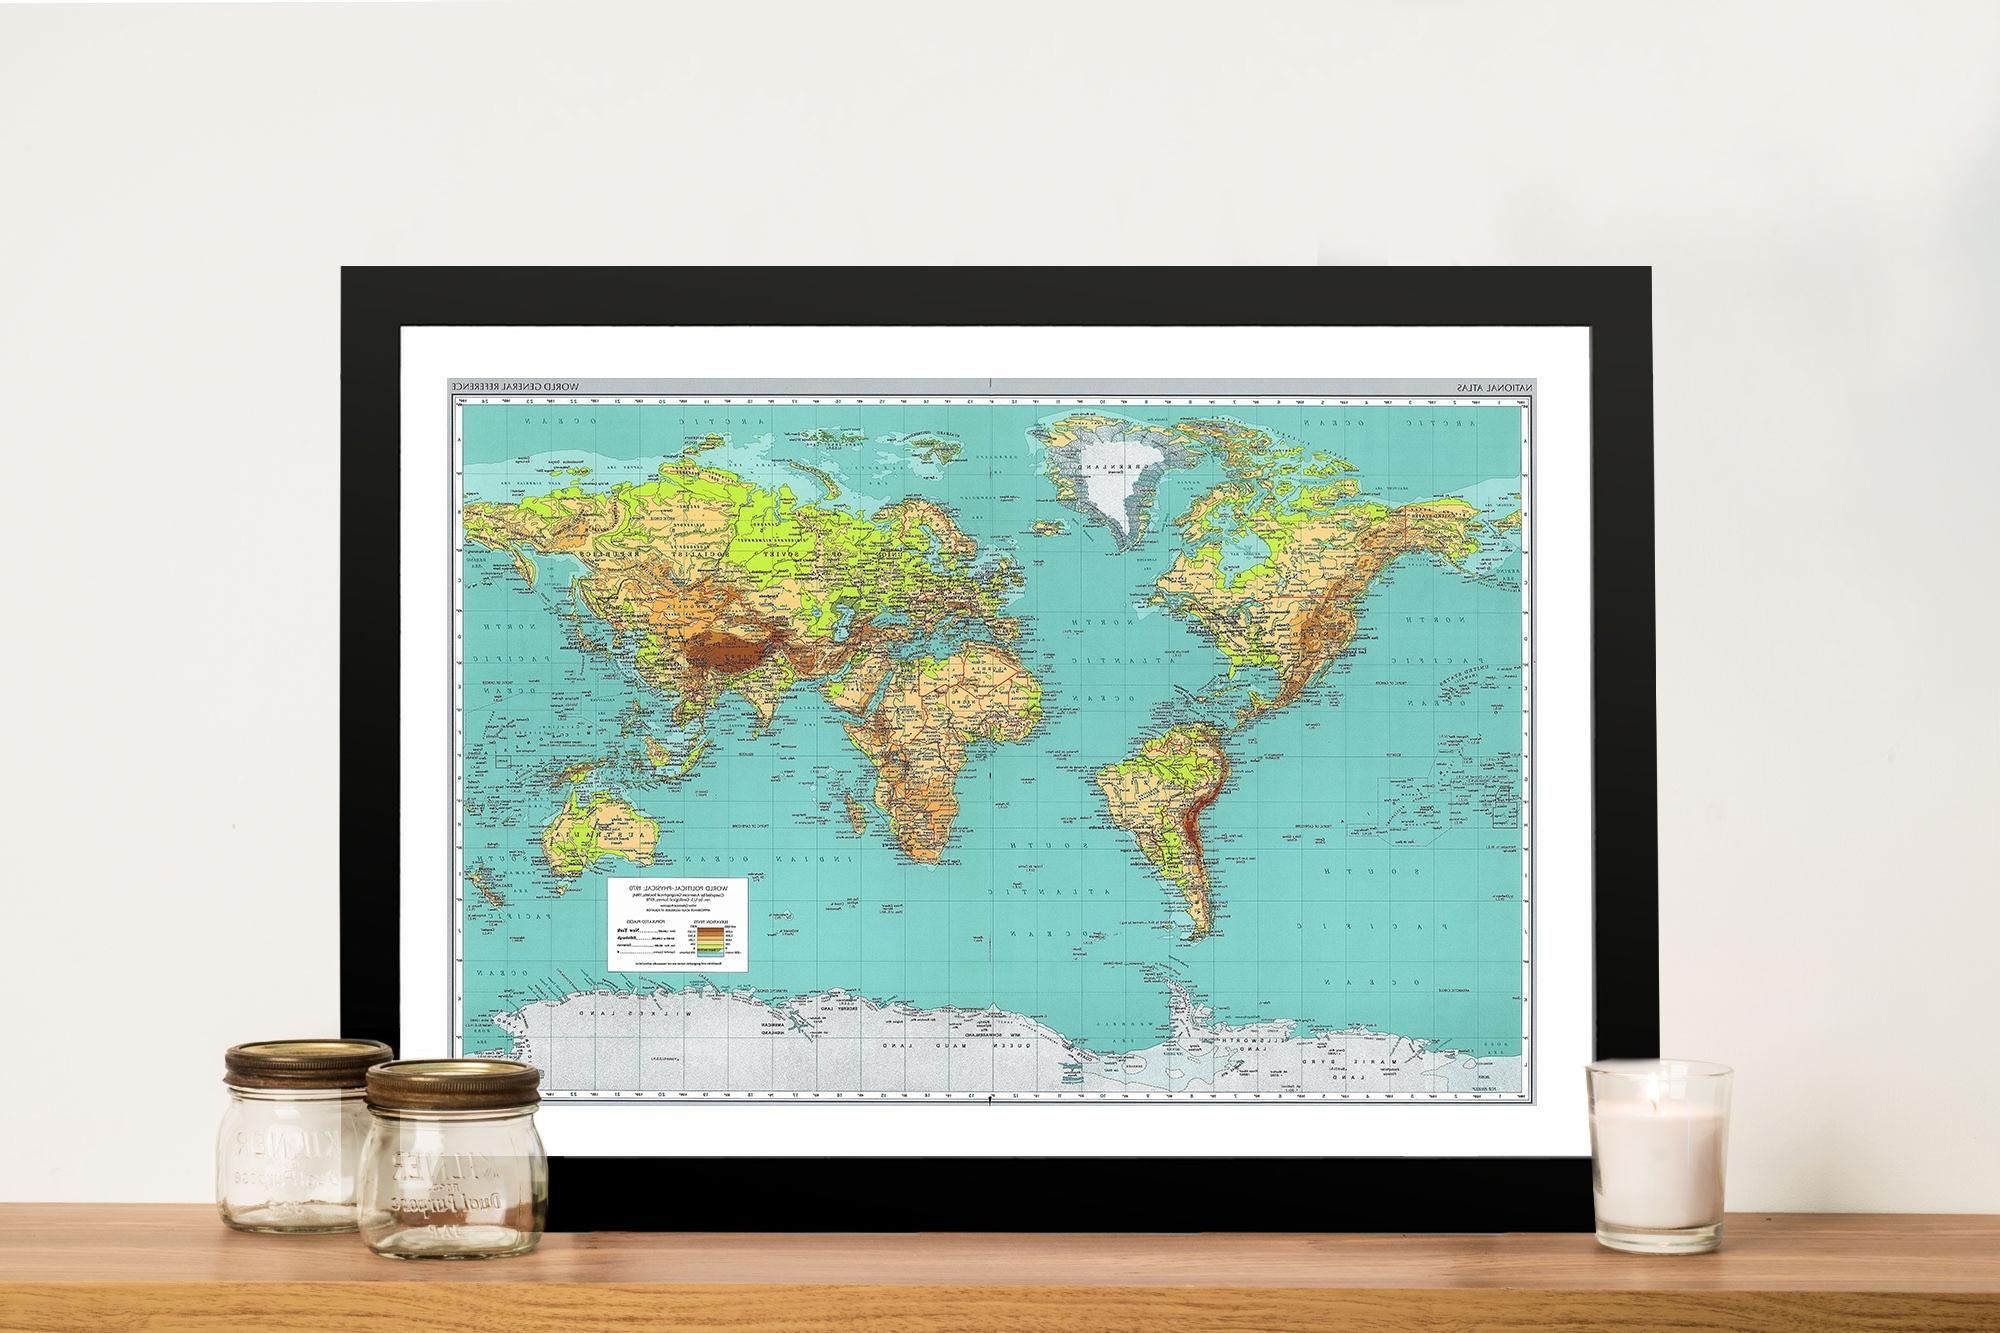 Teal Green World Map Framed Wall Art – Blue Horizon Prints Regarding Most Popular World Map Wall Art Framed (Gallery 8 of 20)